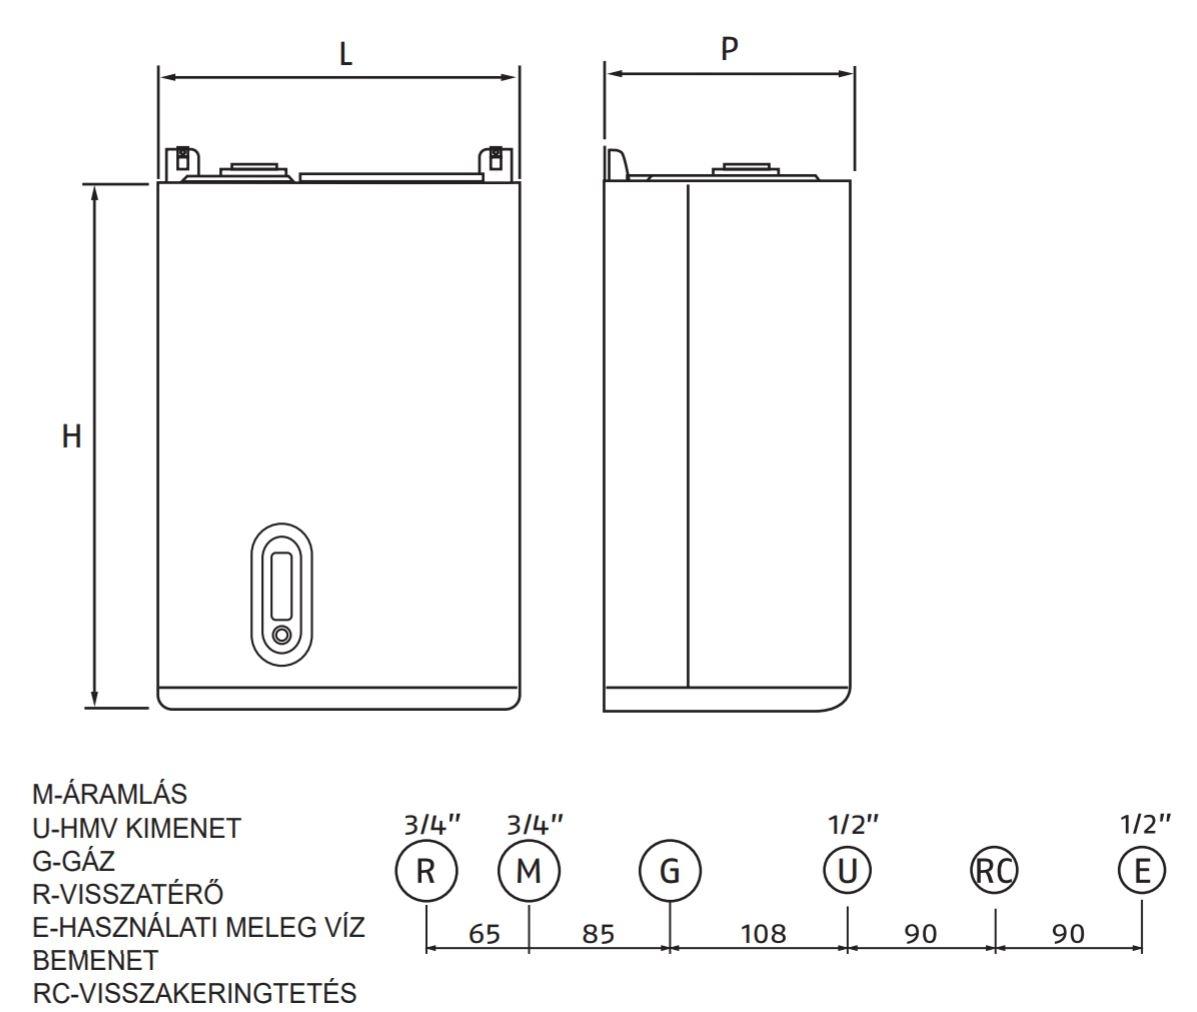 Riello Family Aqua Condens 35+60l Fali kondenzációs beépített tárolós gázkazán műszaki ábra